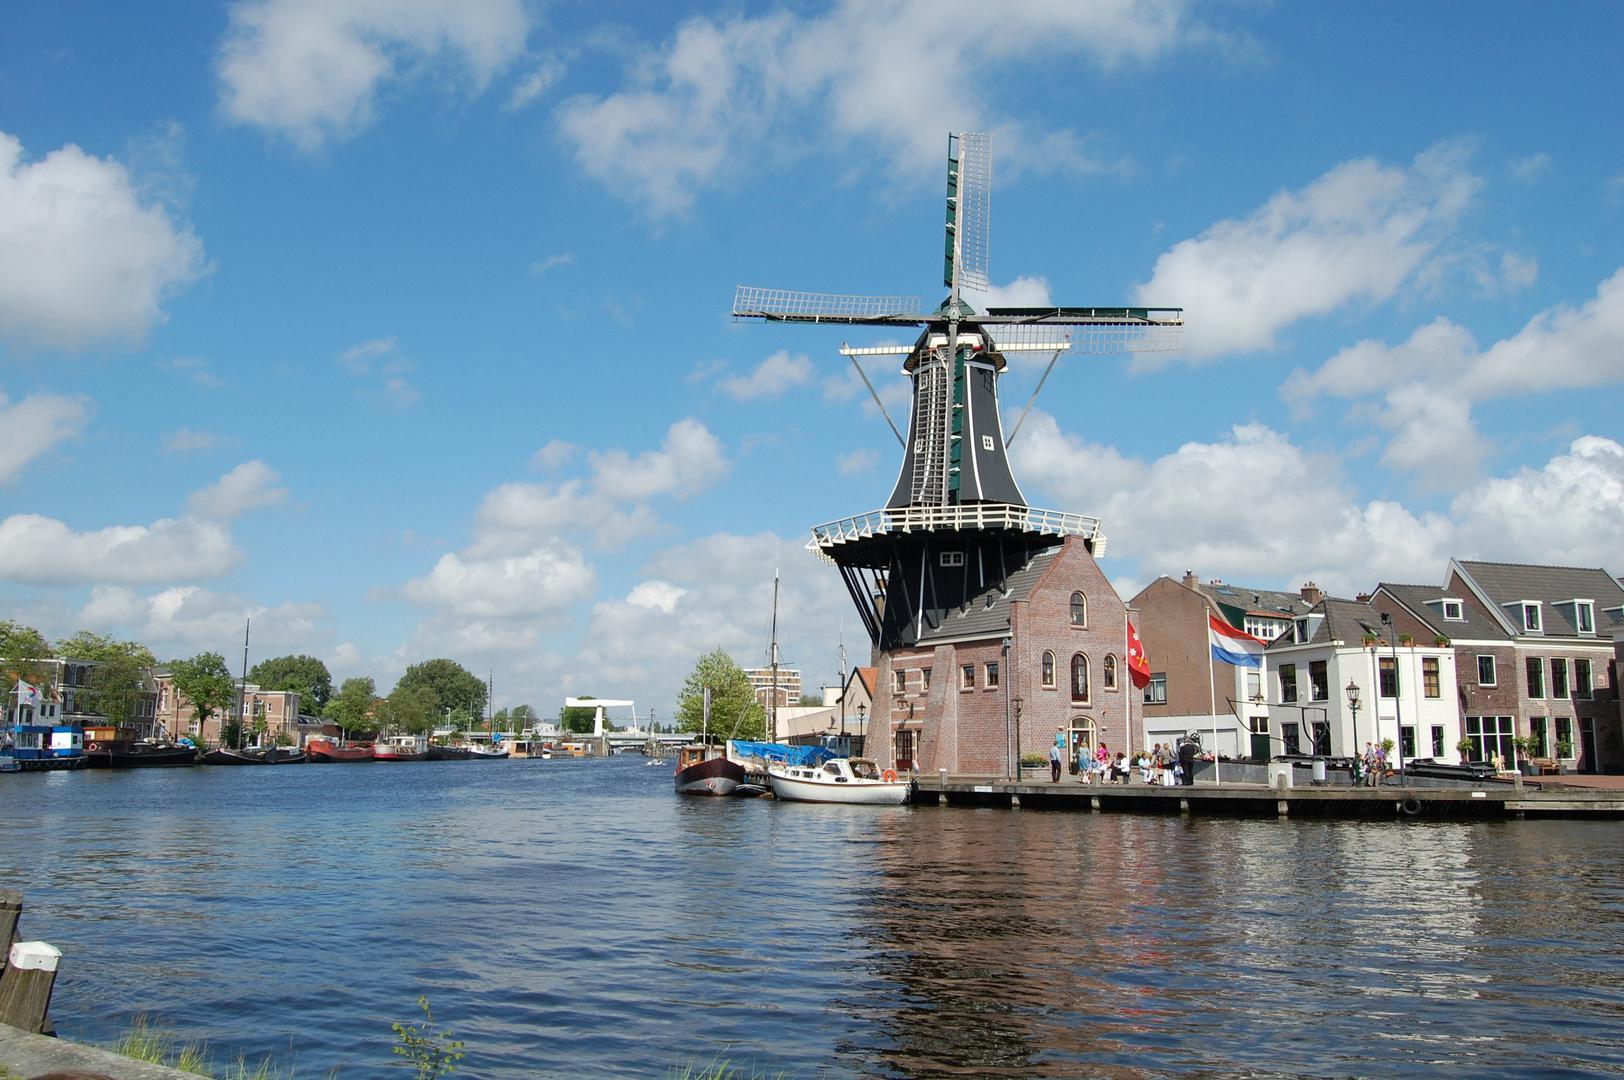 Moulin de Haarlem